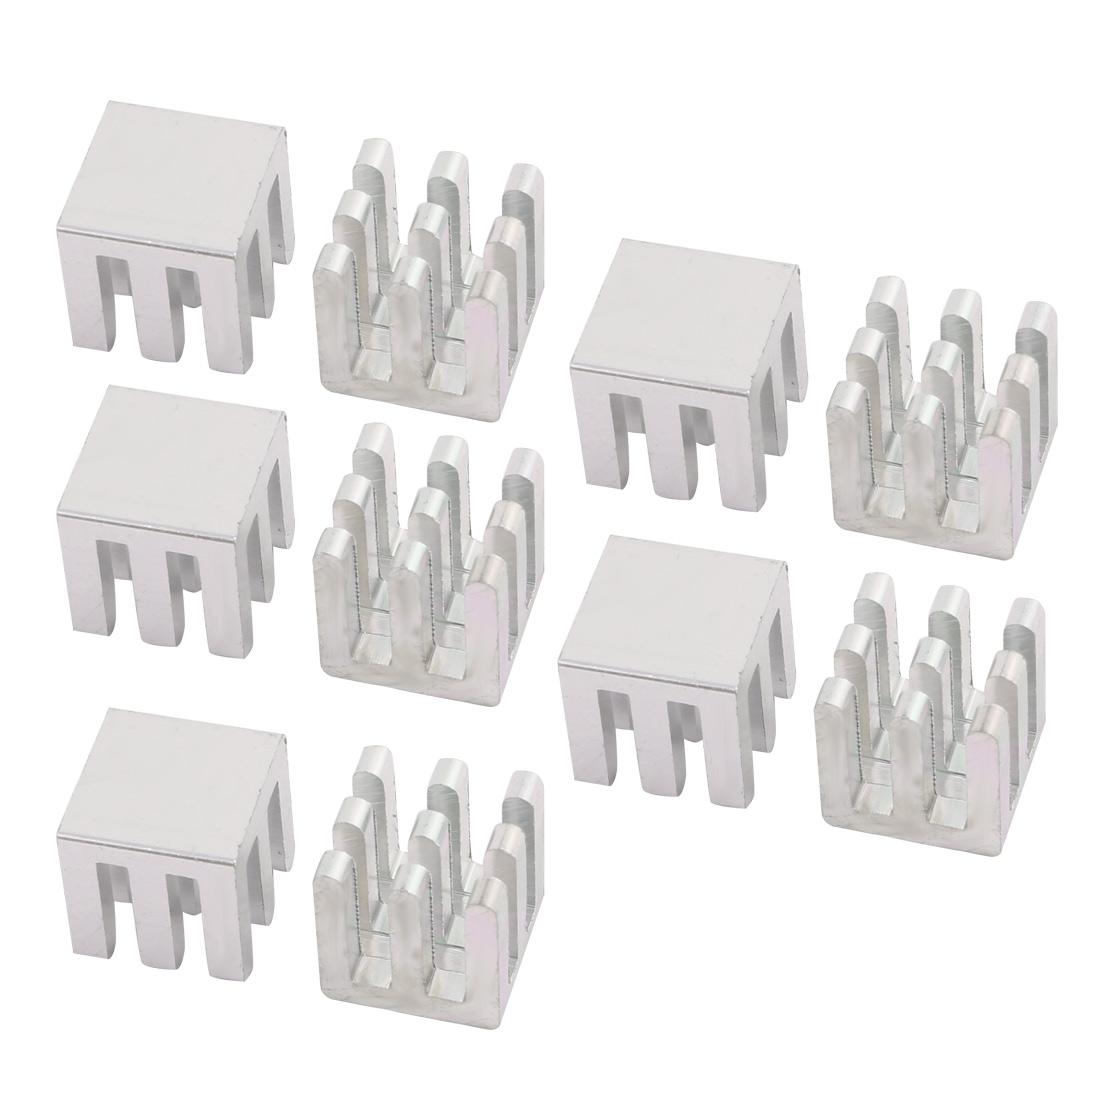 10Pcs 10mm x 10mm x 10mm Aluminum Heatsink Heat Diffuse Cooling Fin Silver Tone